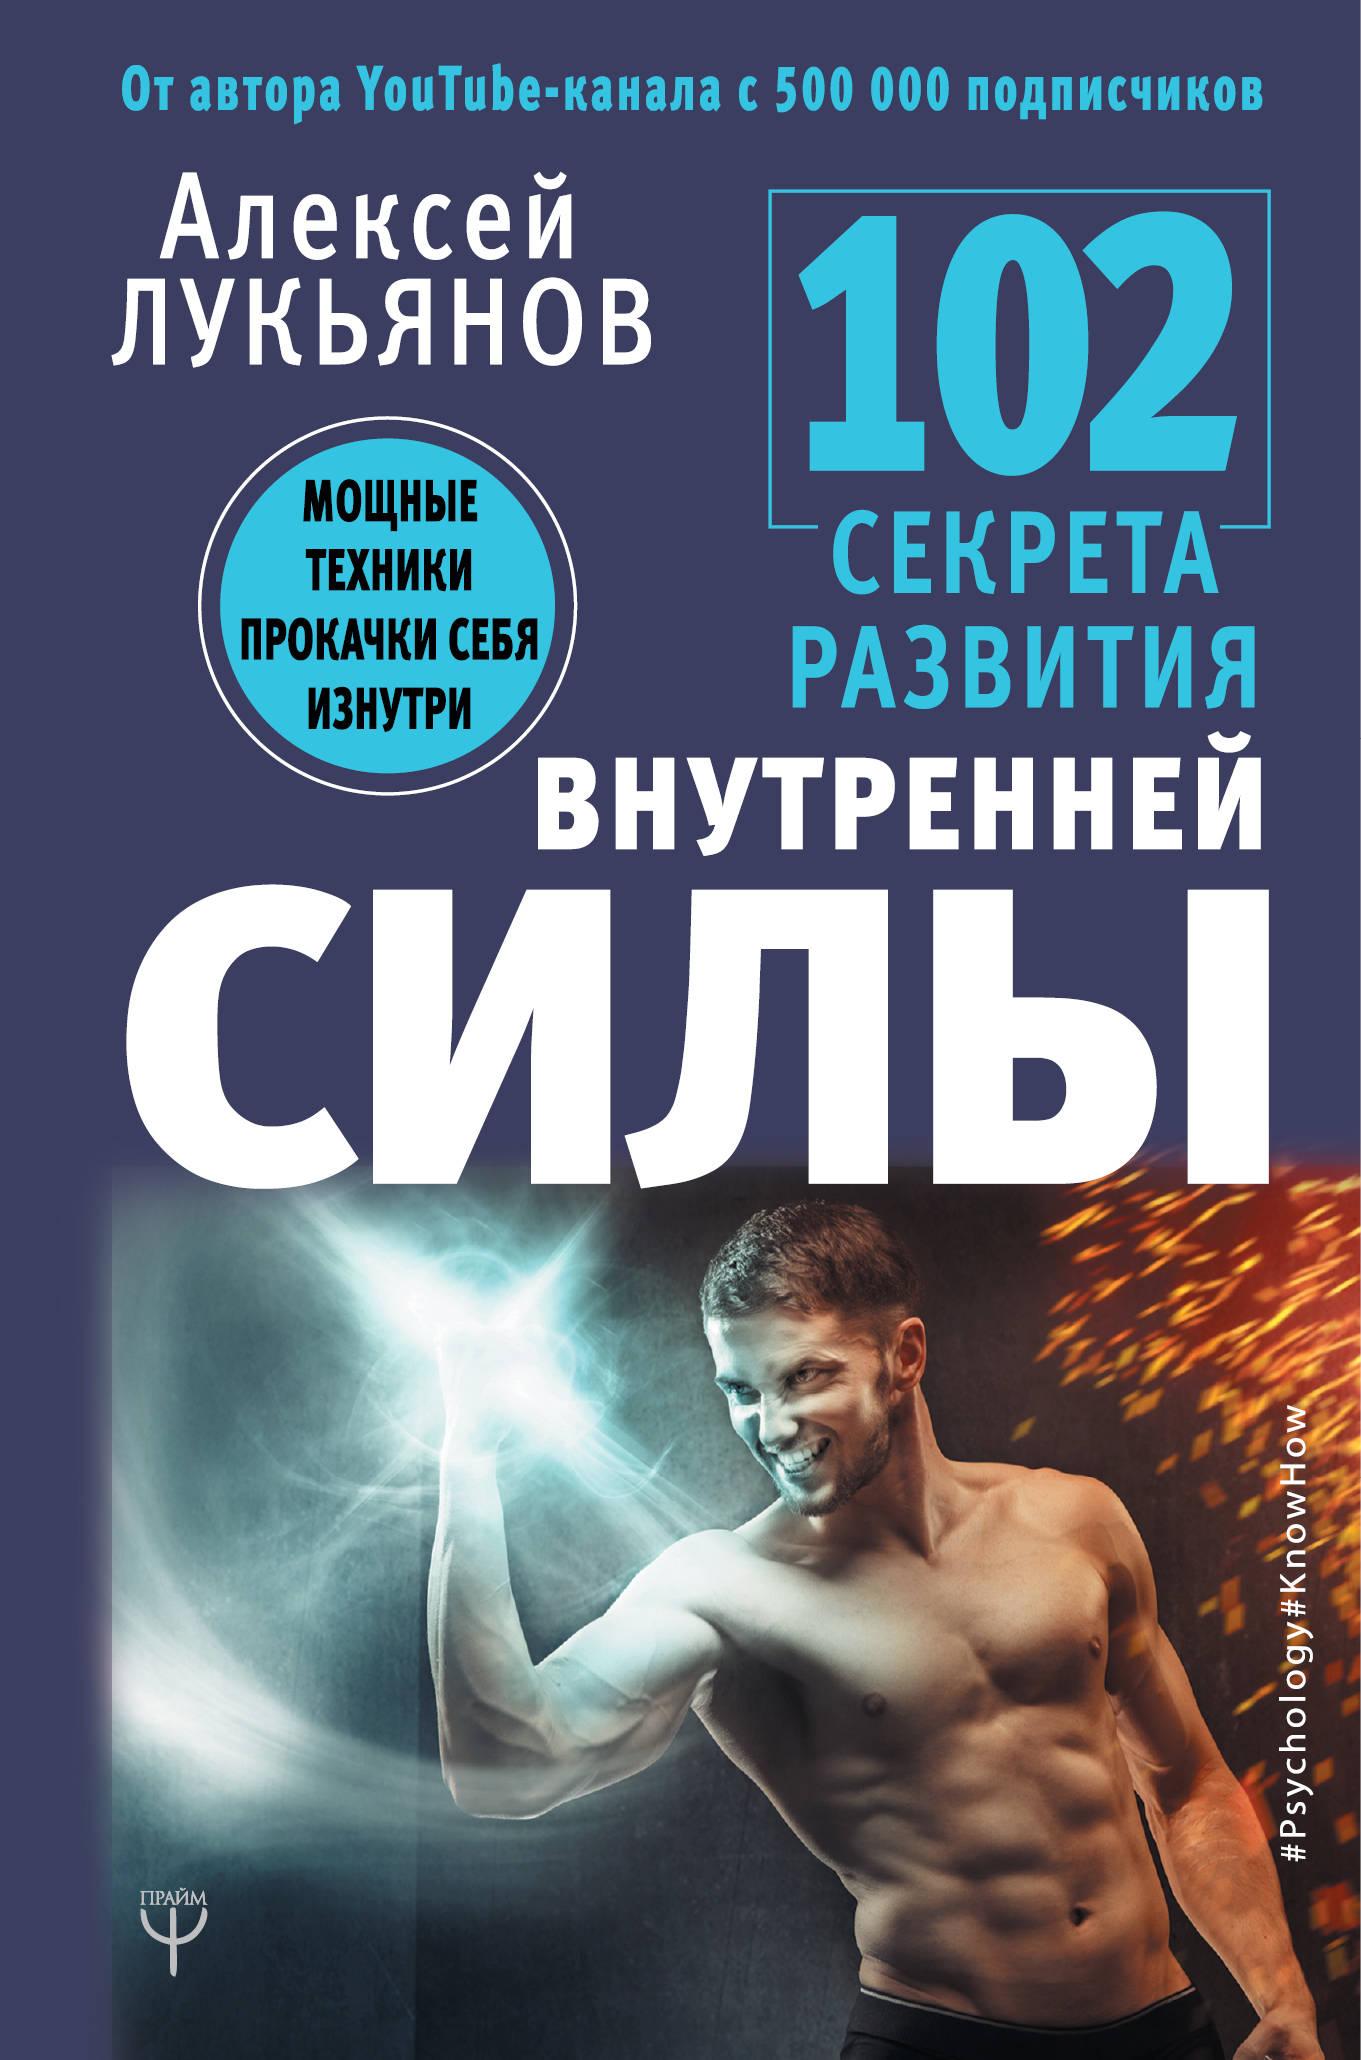 Алексей Лукьянов 102 секрета развития внутренней силы. Мощные техники прокачки себя изнутри